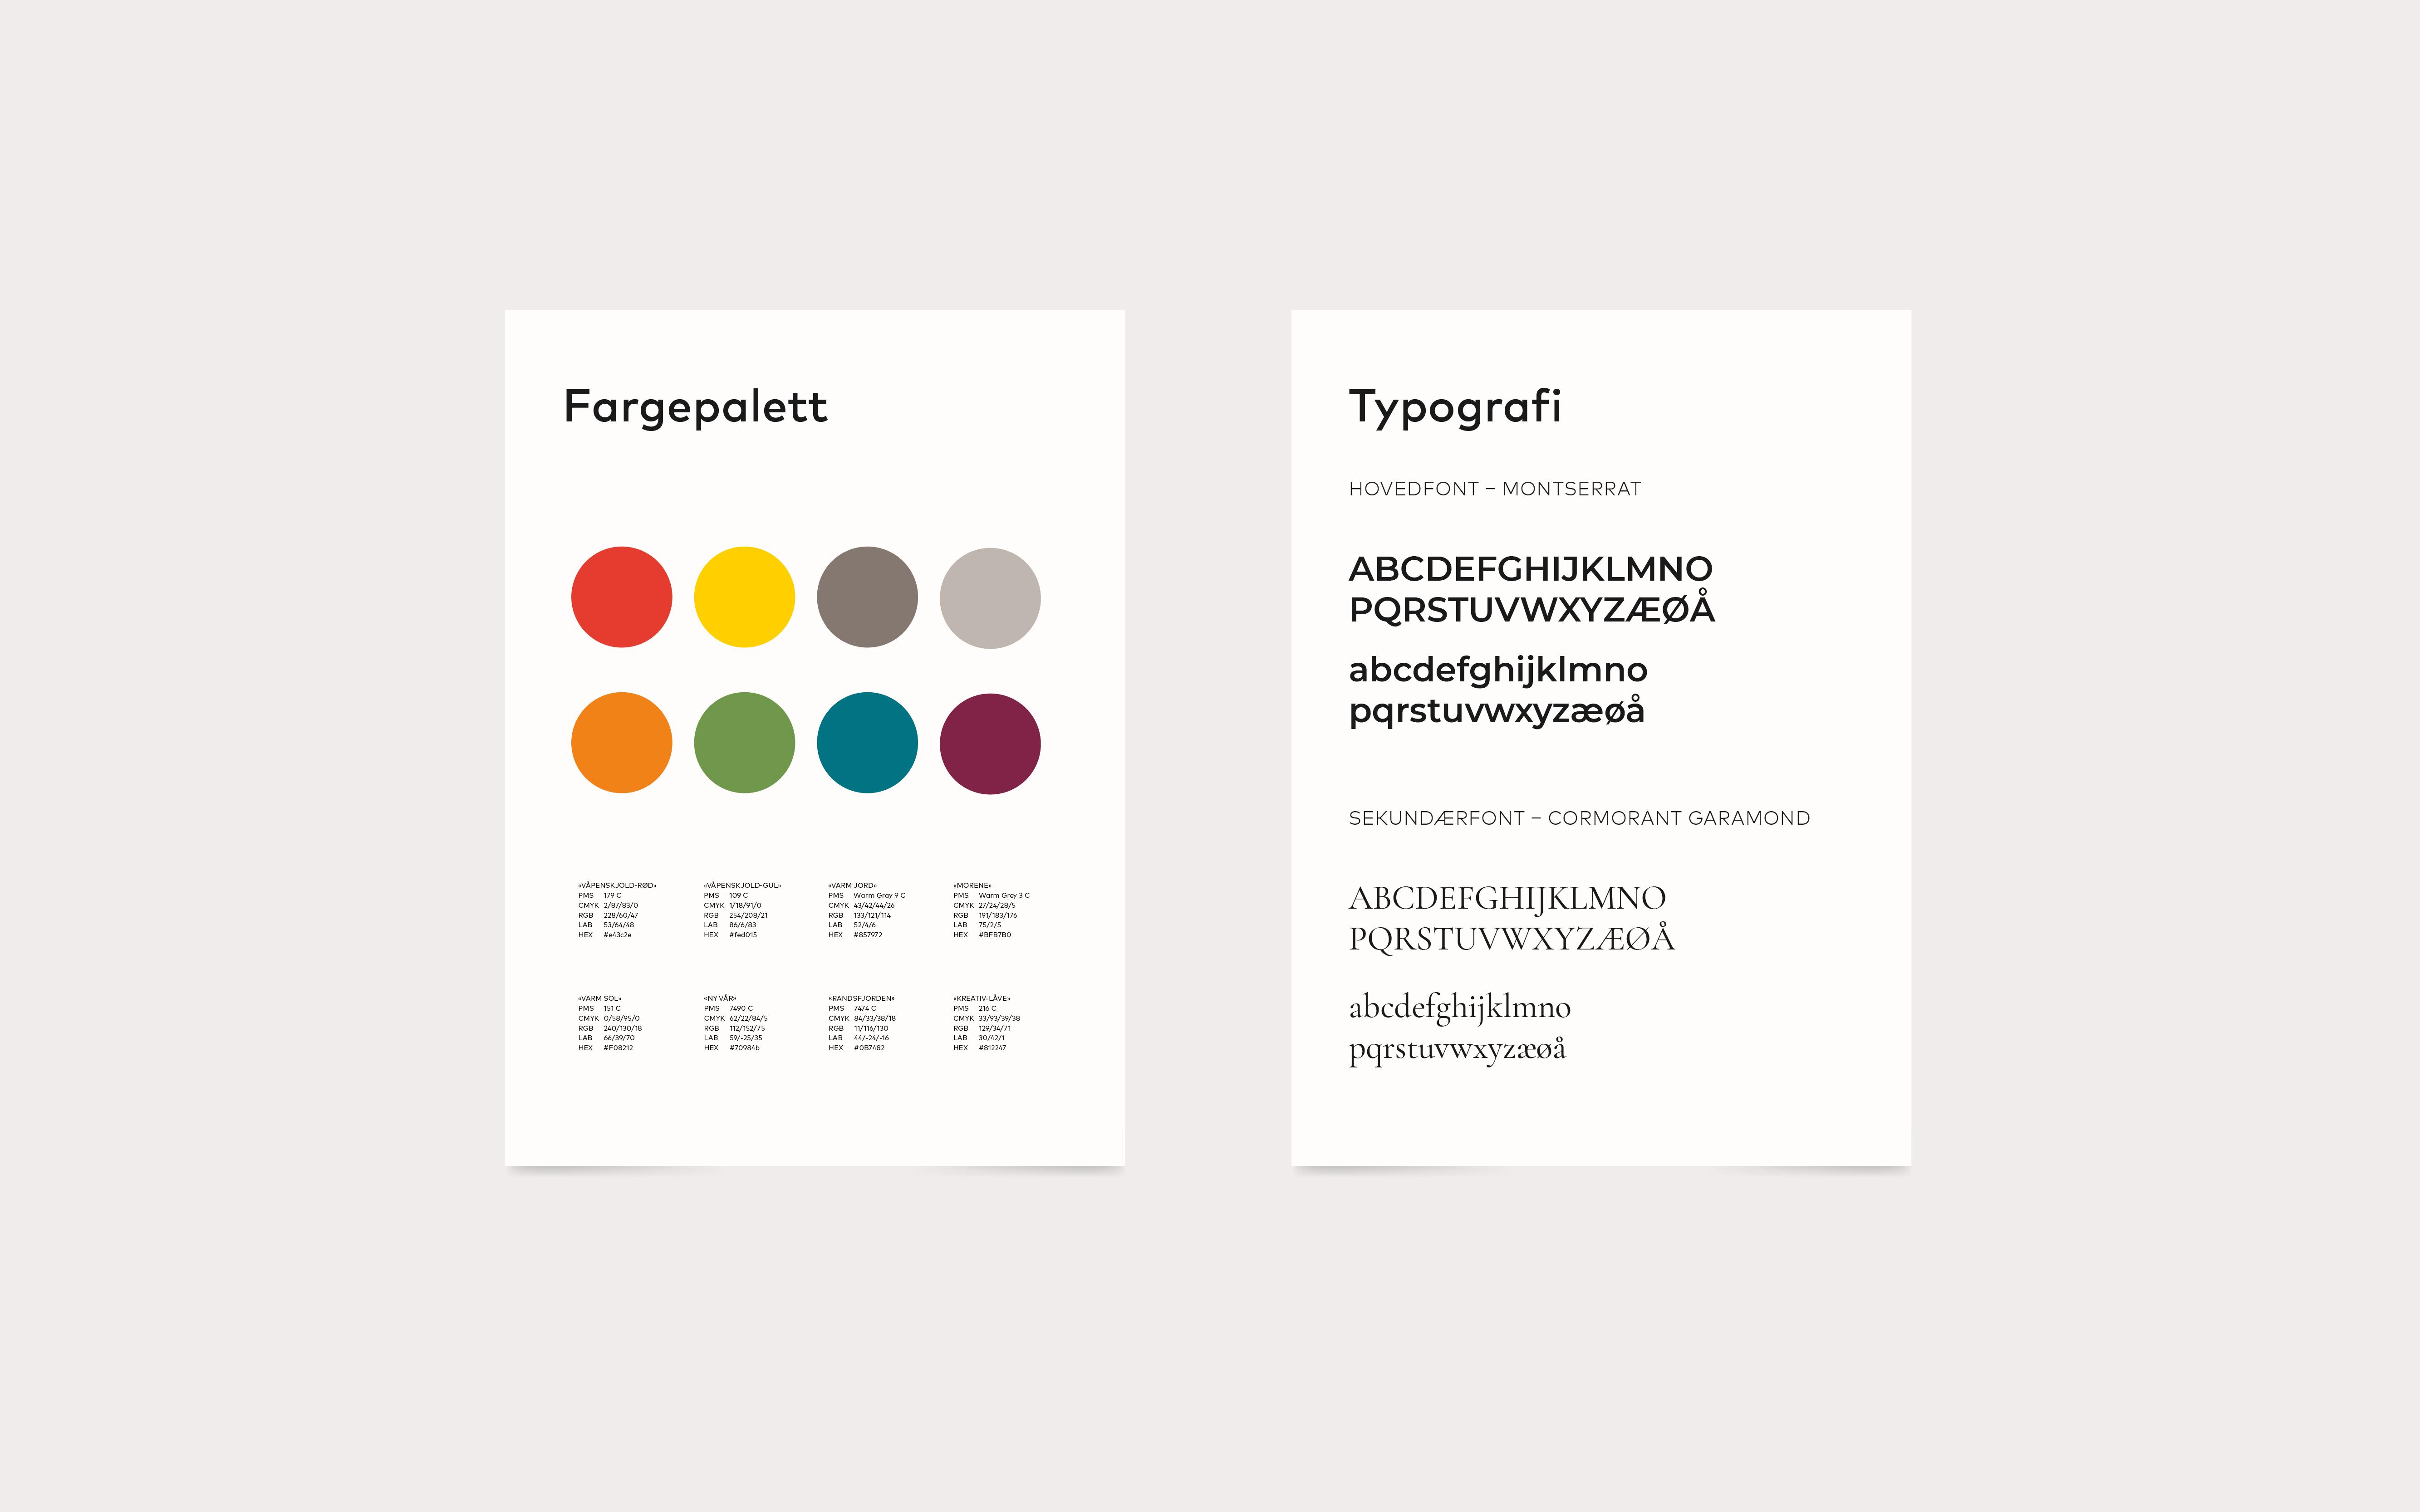 Gran kommune fonter og farger